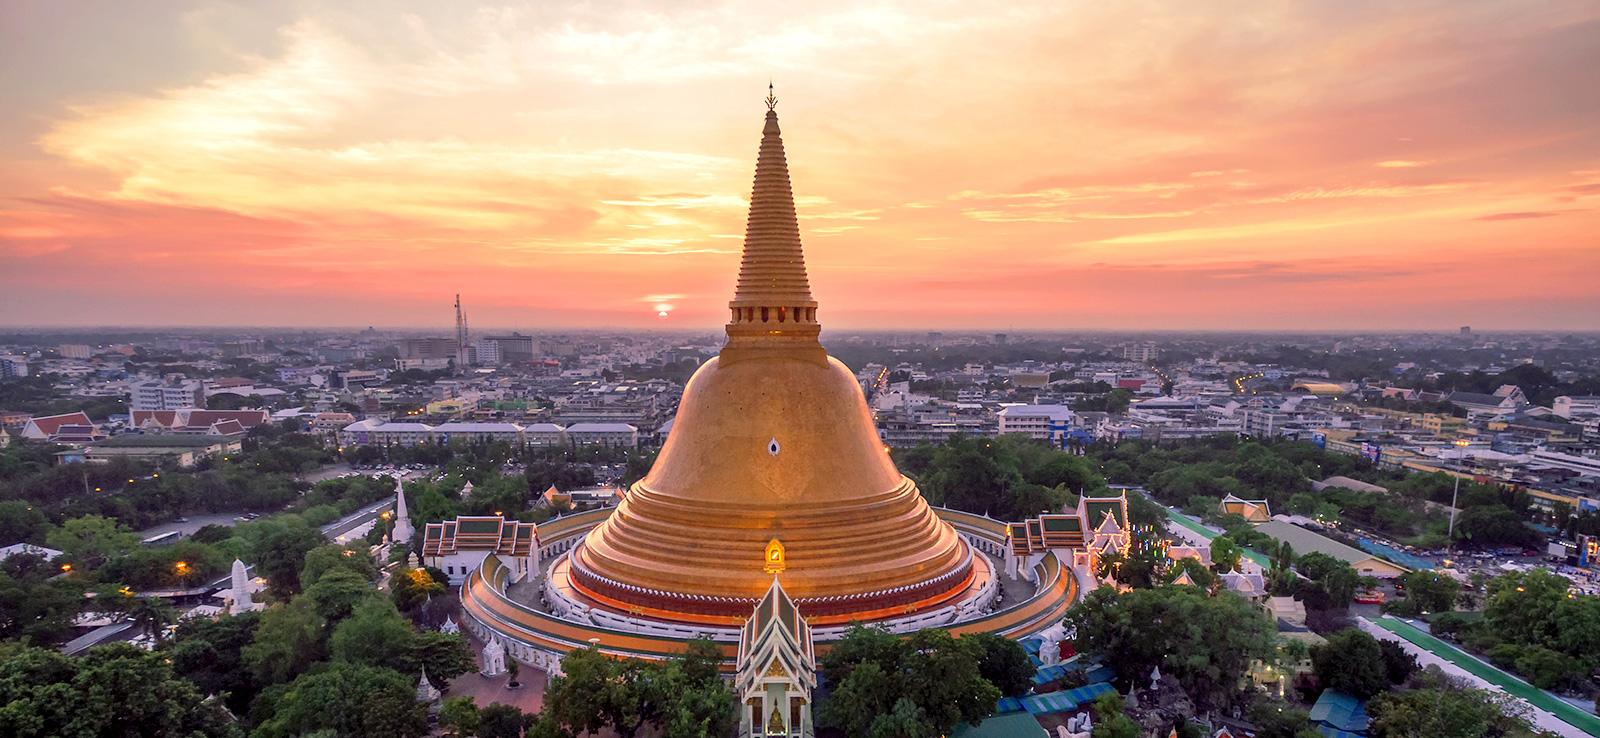 Tòa phật tháp cao hạng nhất thế giới ở thị trấn Nakhon Pathom